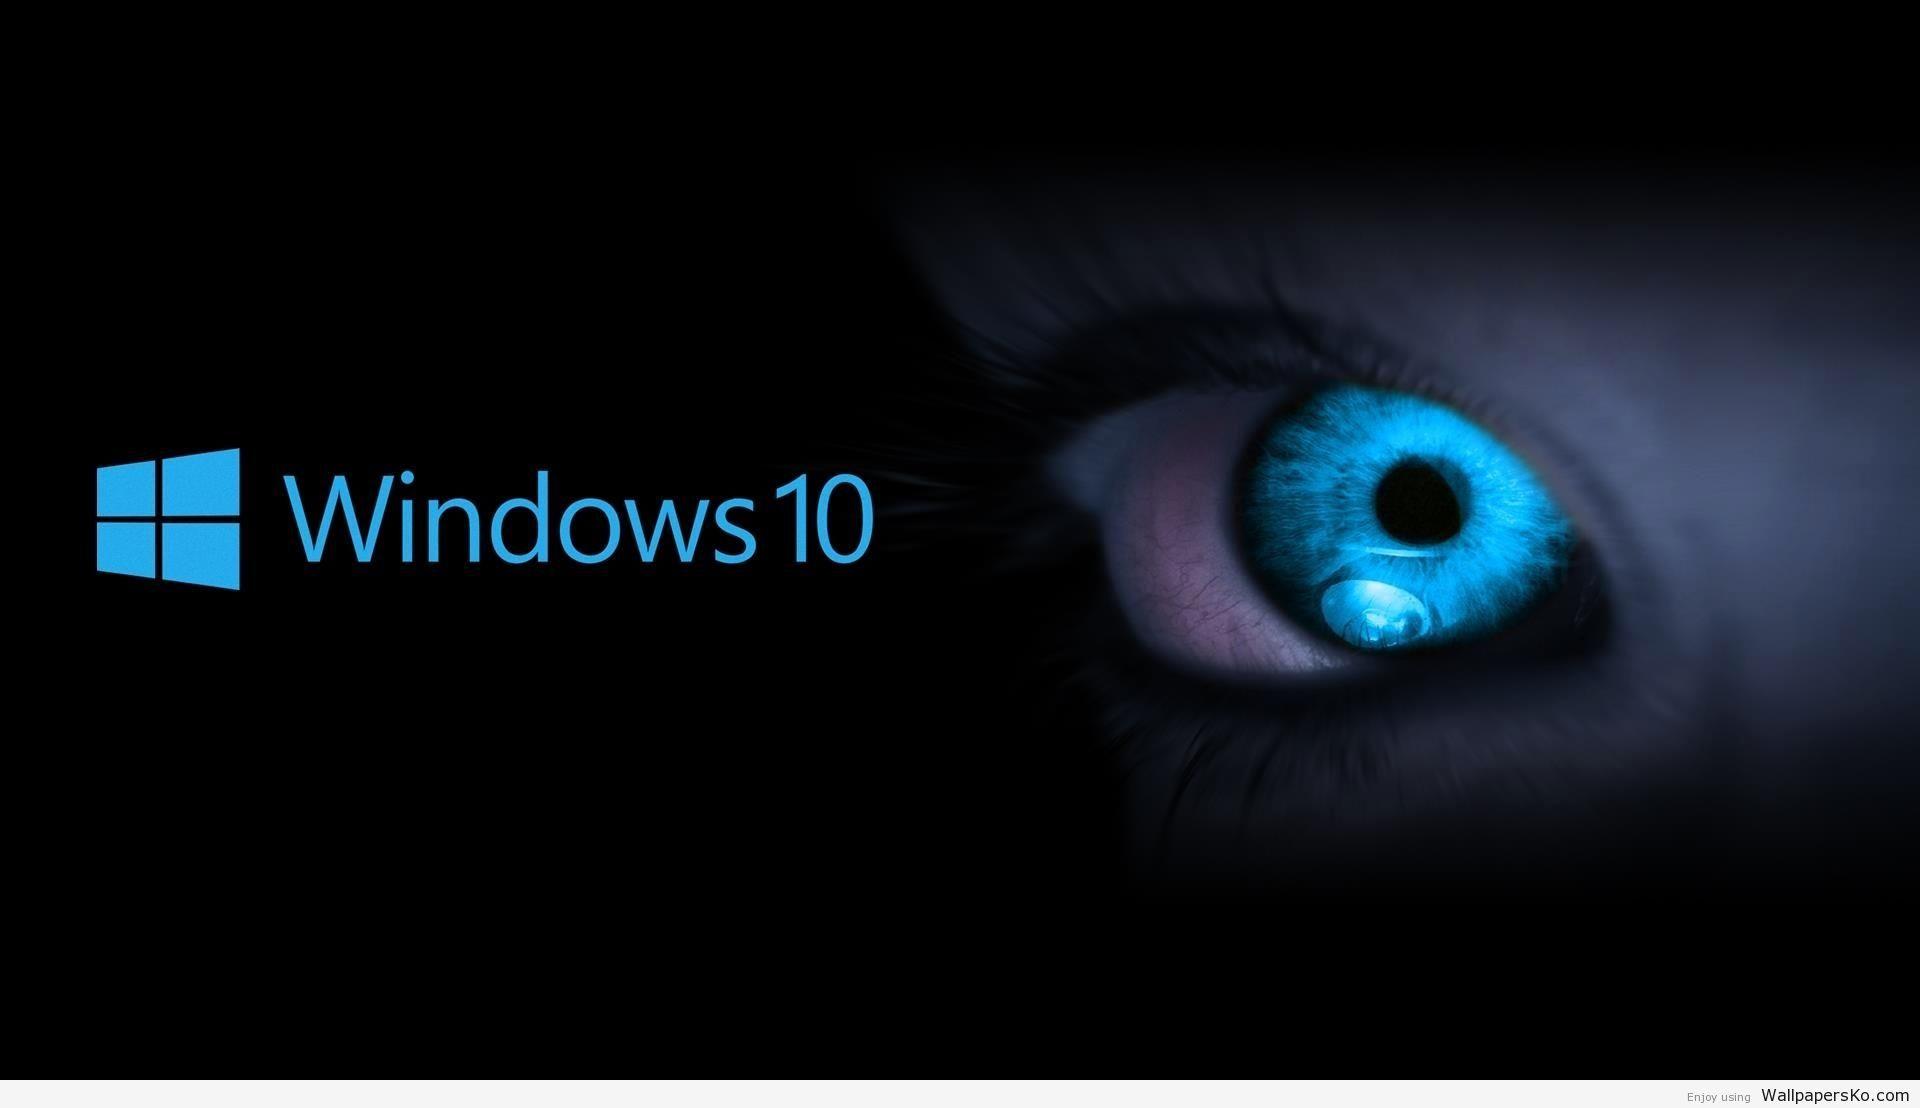 Windows 10 Wallpaper Hd 3d For Desktop Http Wallpapersko Com Windows 10 Wallpaper Hd 3d For Des Windows Wallpaper Wallpaper Windows 10 Hd Wallpaper Desktop